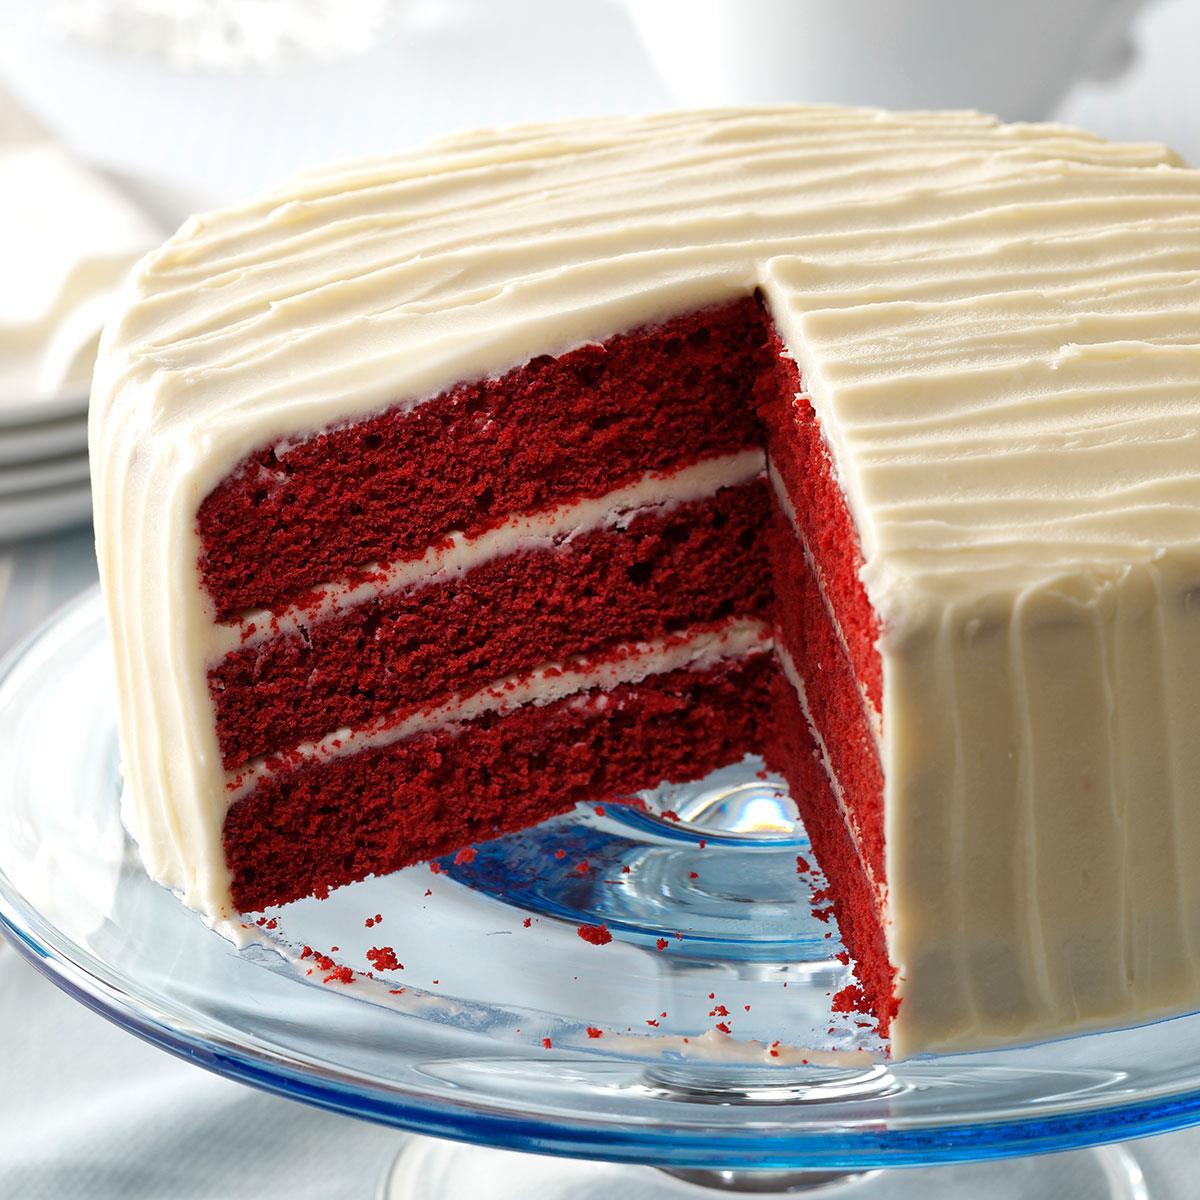 Classic Red Velvet Cake Recipe How To Make It Taste Of Home